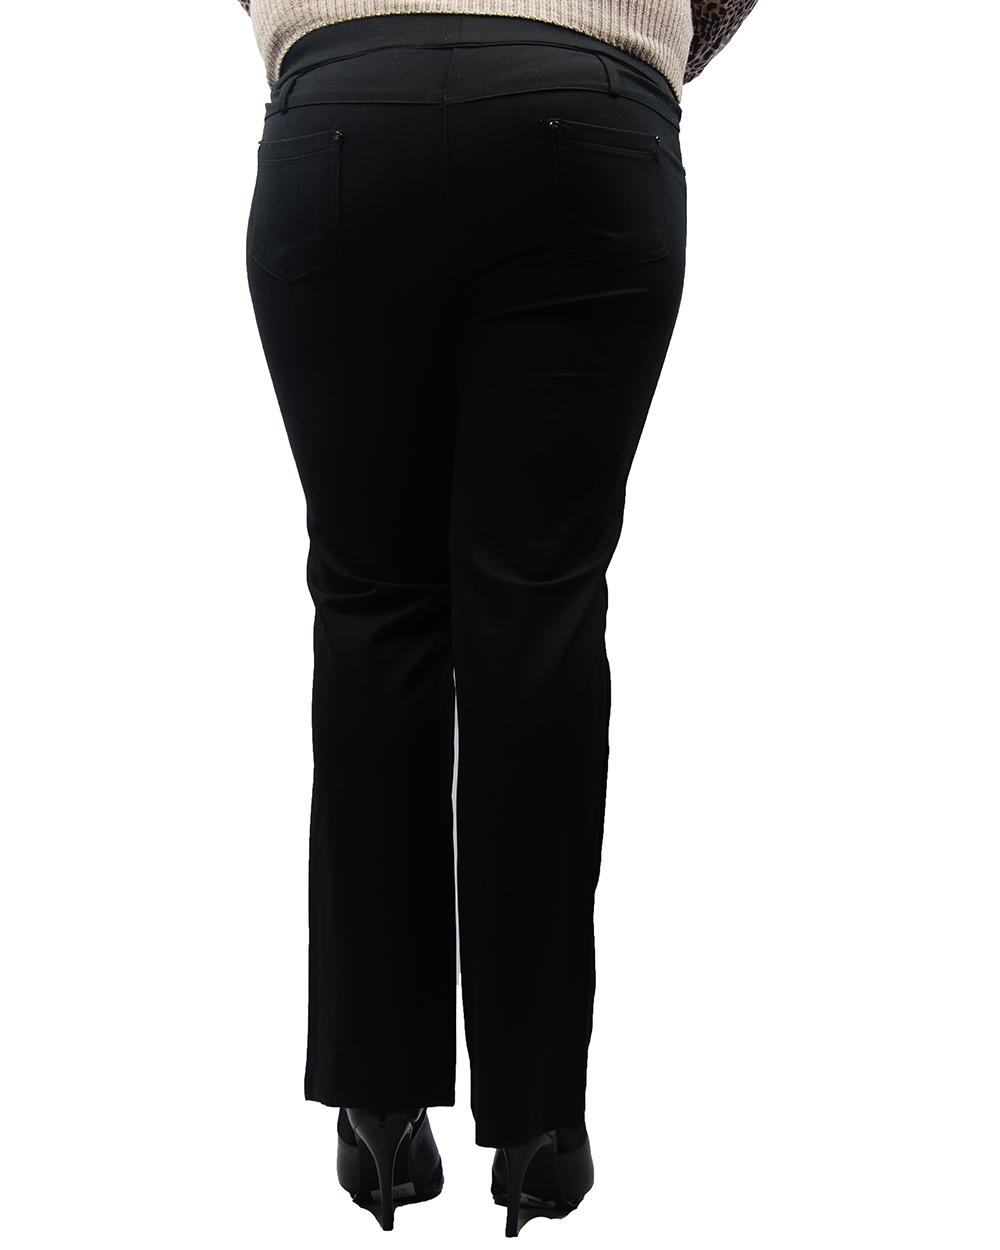 Черные классические брюки женские доставка